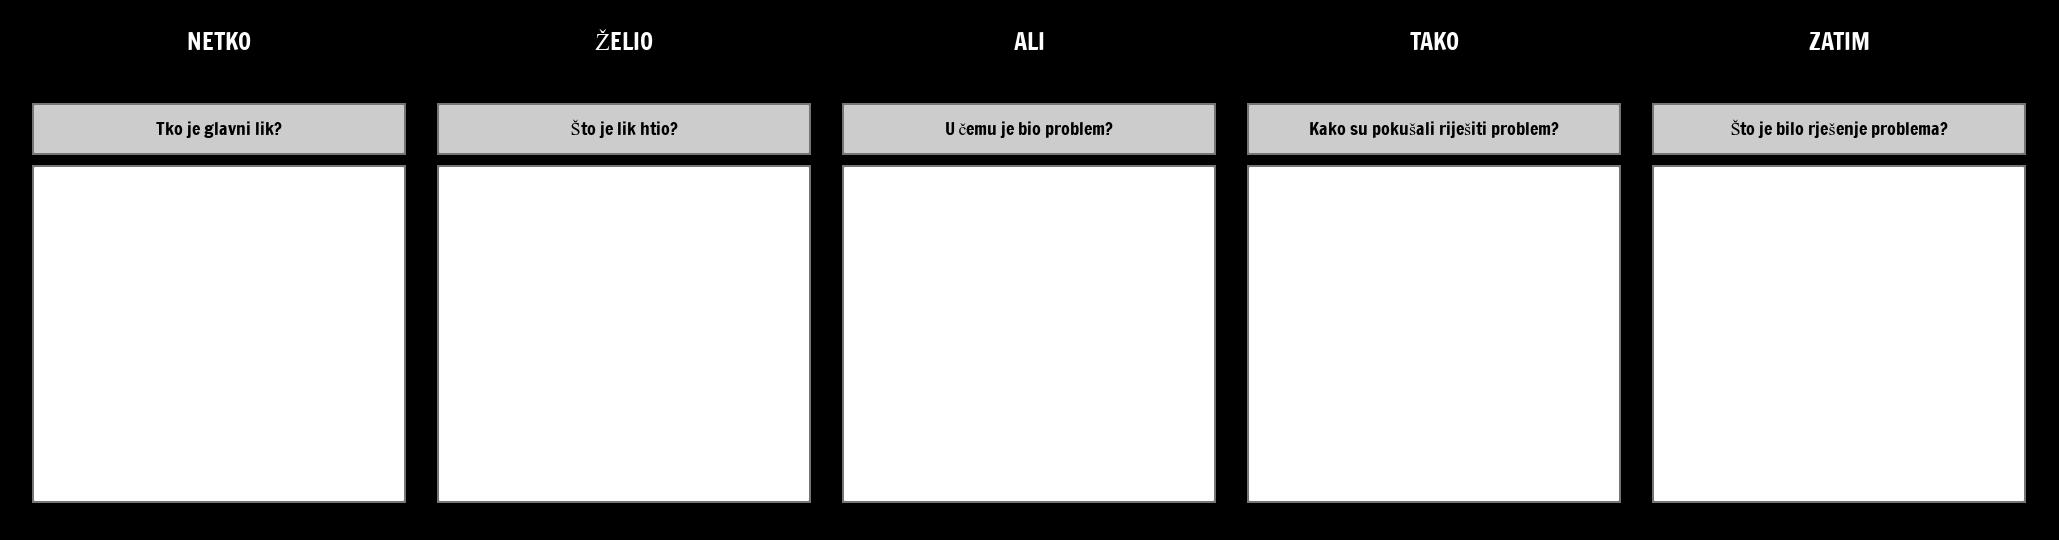 Netko / Tražen / Dakle / Ali / Onda - Predložak